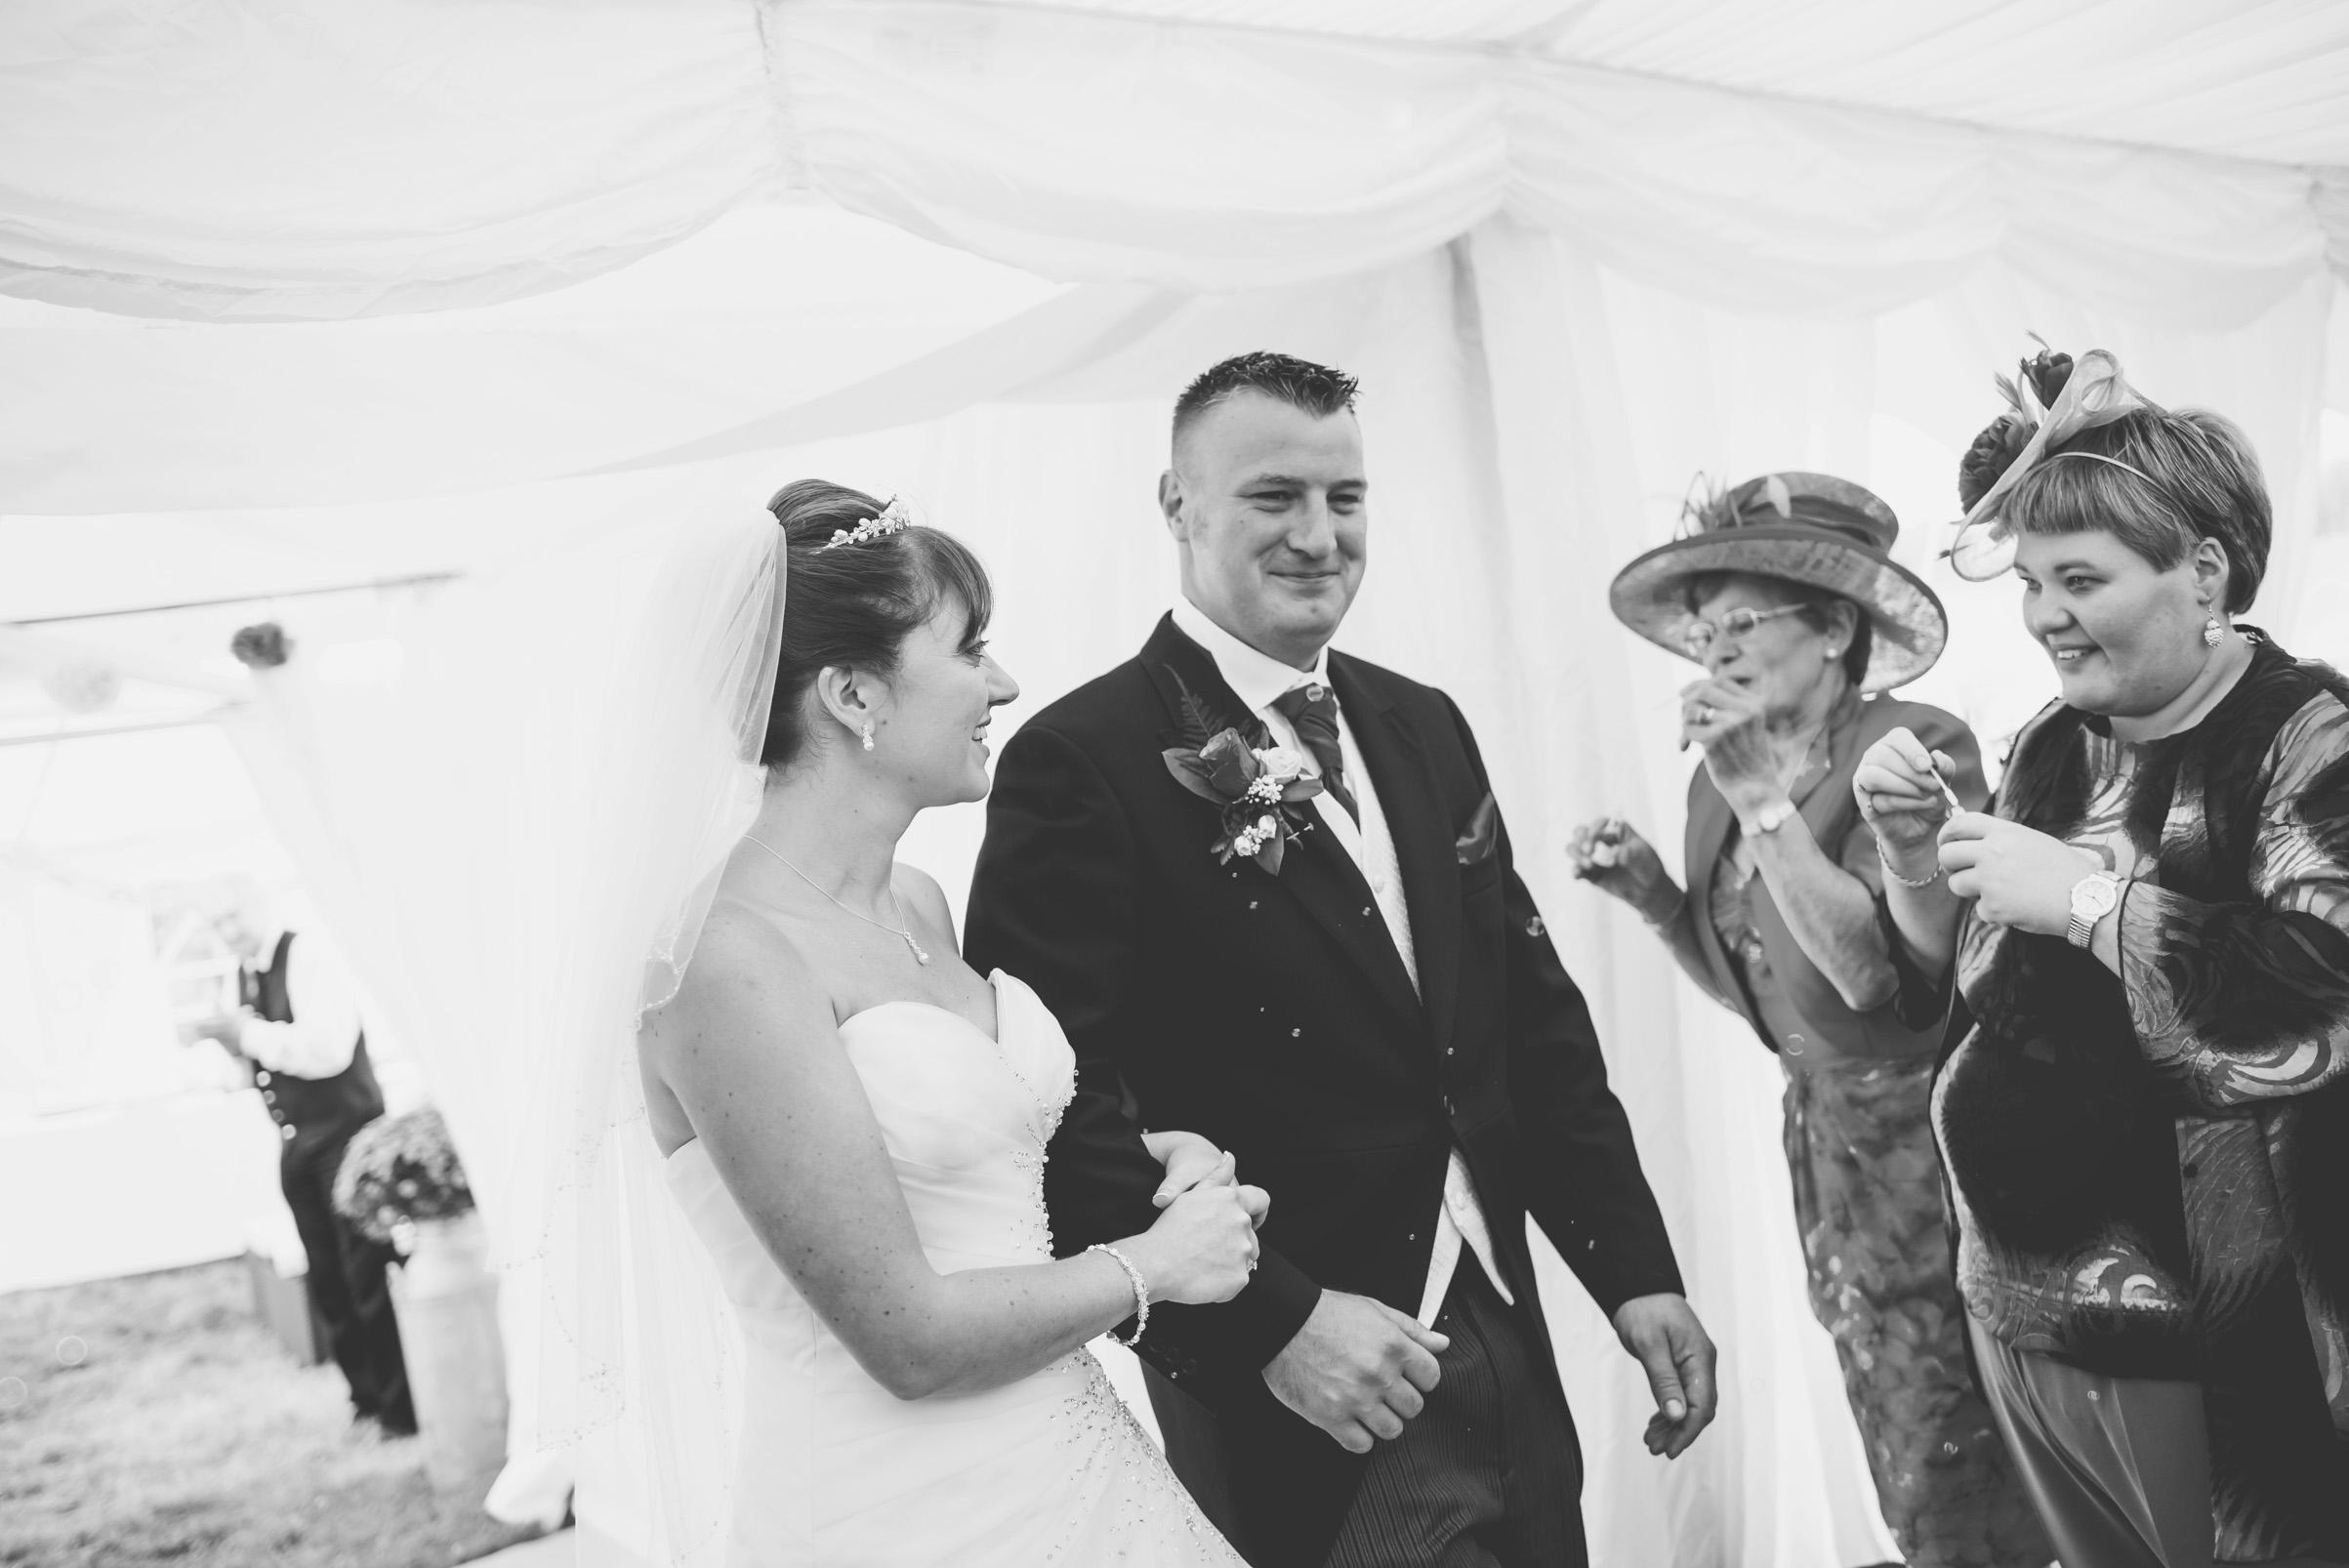 Farm-wedding-staffordshire-st-marys-catholic-church-uttoxter-88.jpg